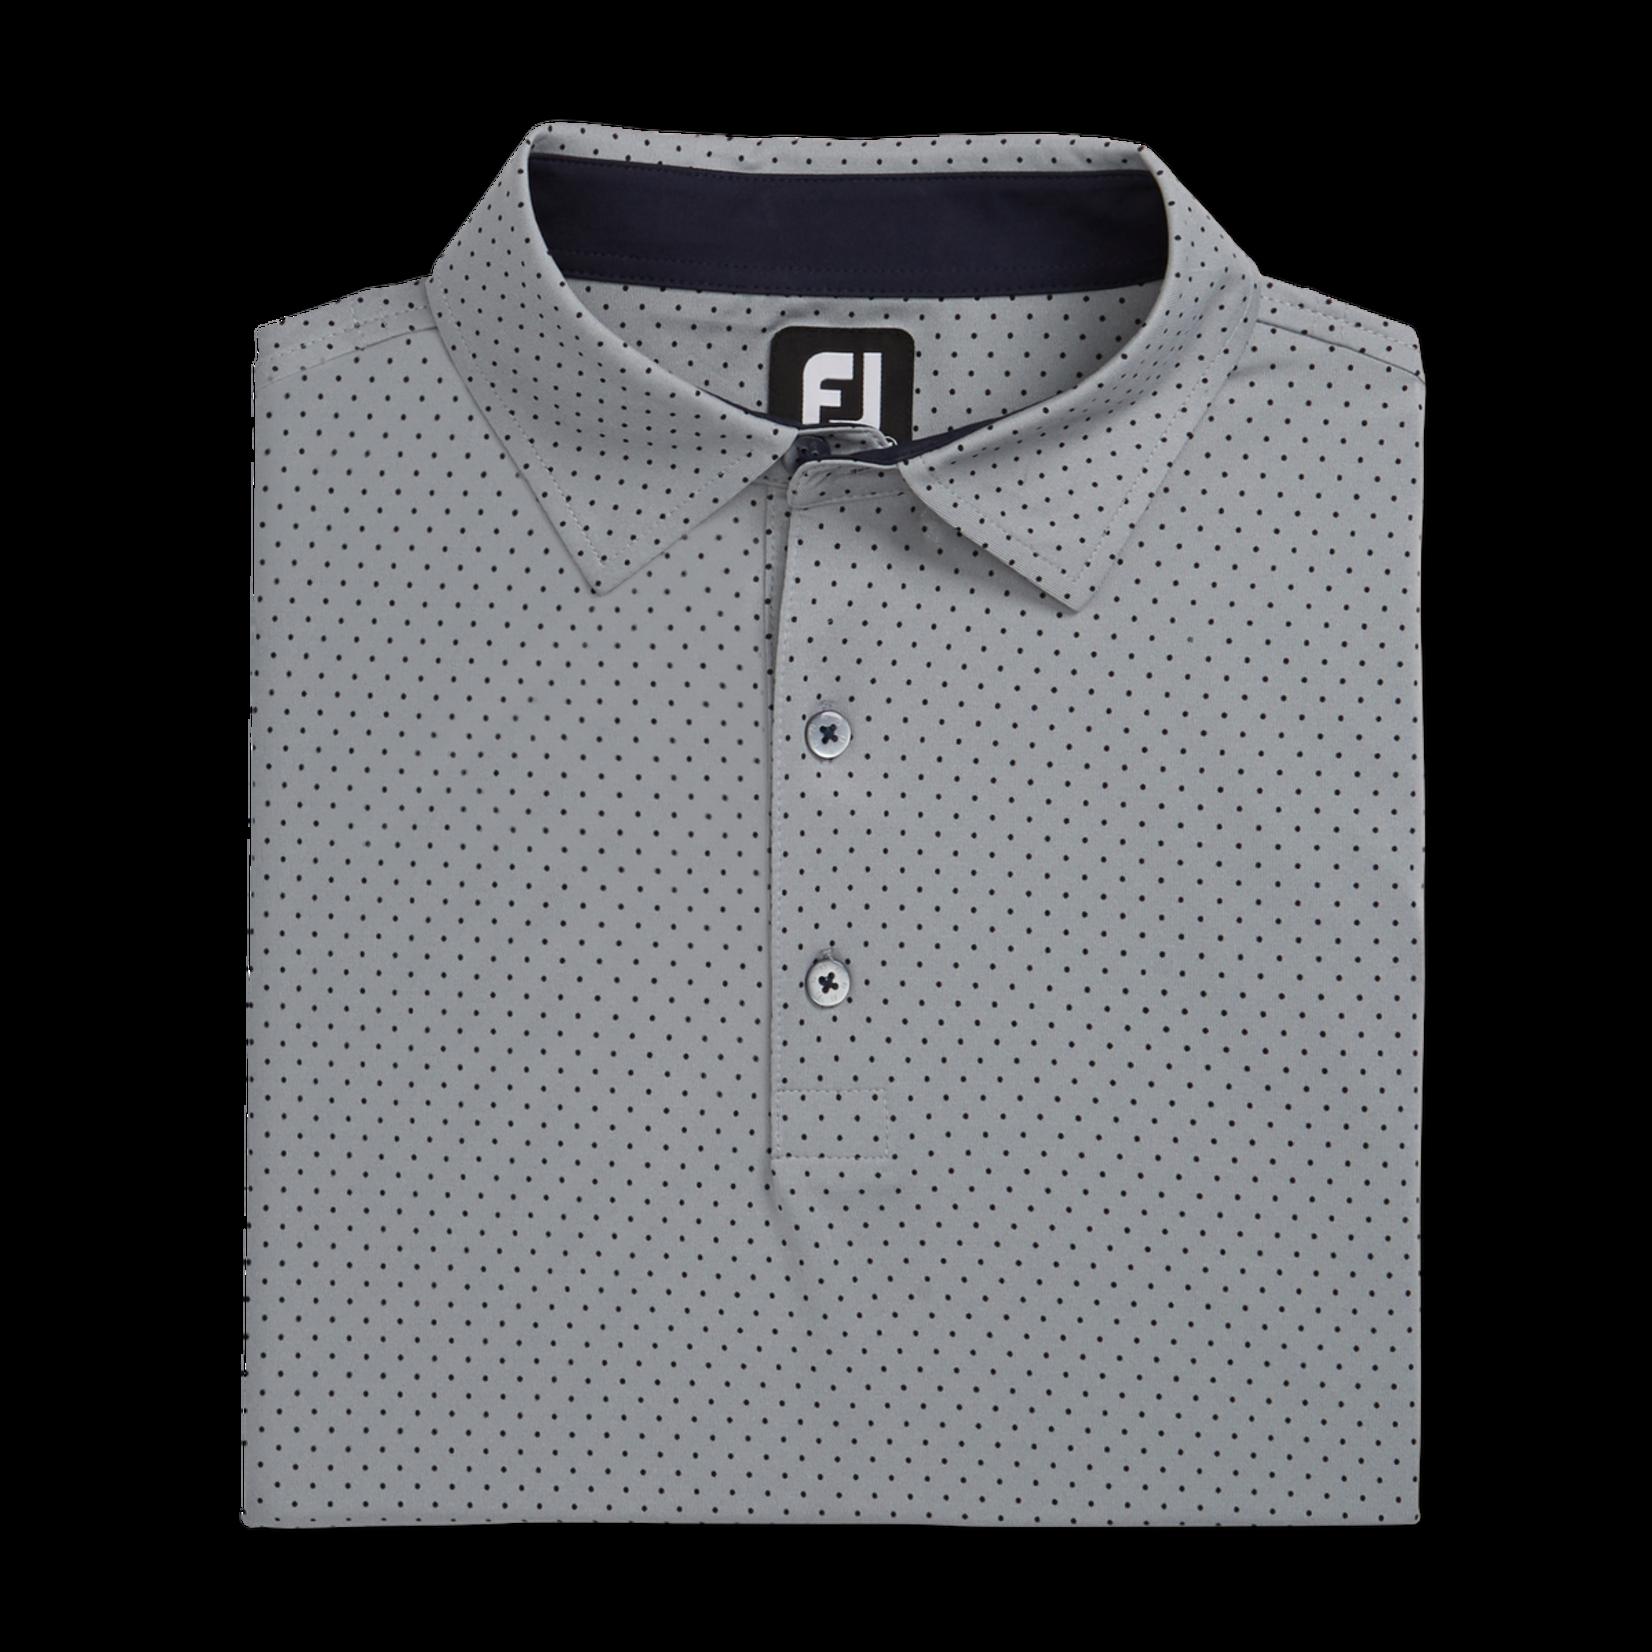 Footjoy FJ Stretch Lsl Dot Print Polo '21